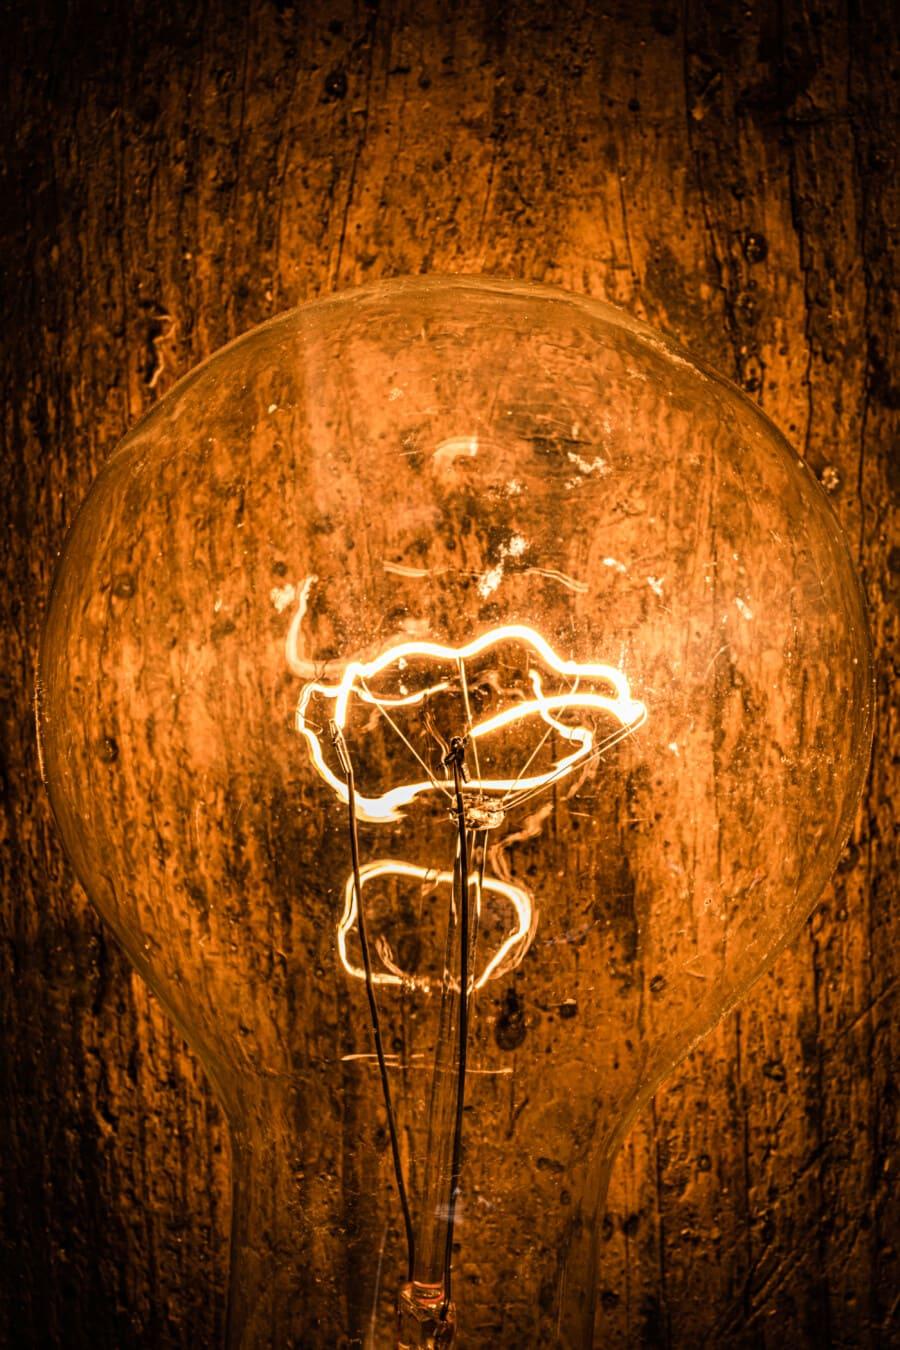 ampoule, sale, vintage, fils, filament, fermer, vieux, sombre, lampe, ampoule